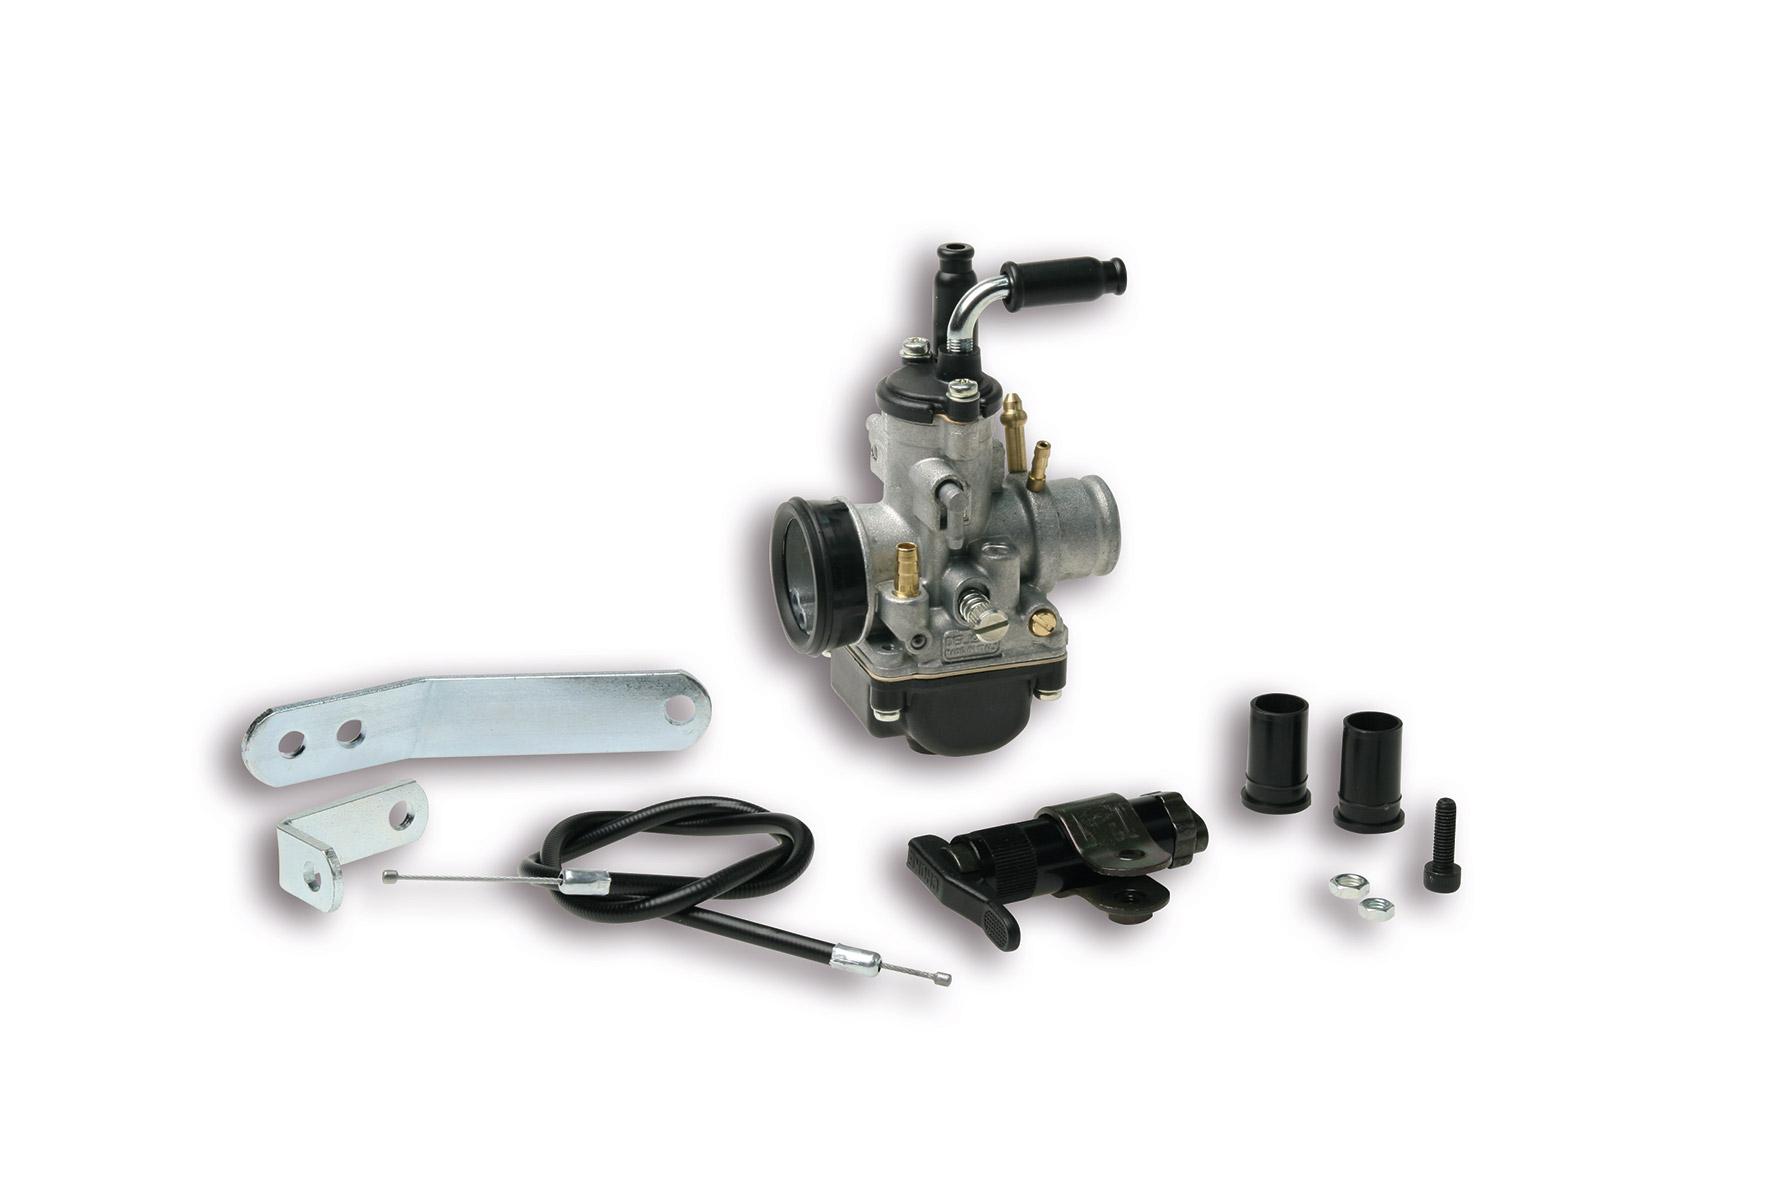 Impianto alimentazione PHBG 19 AS per Suzuki Street Magic 2T 50 cc